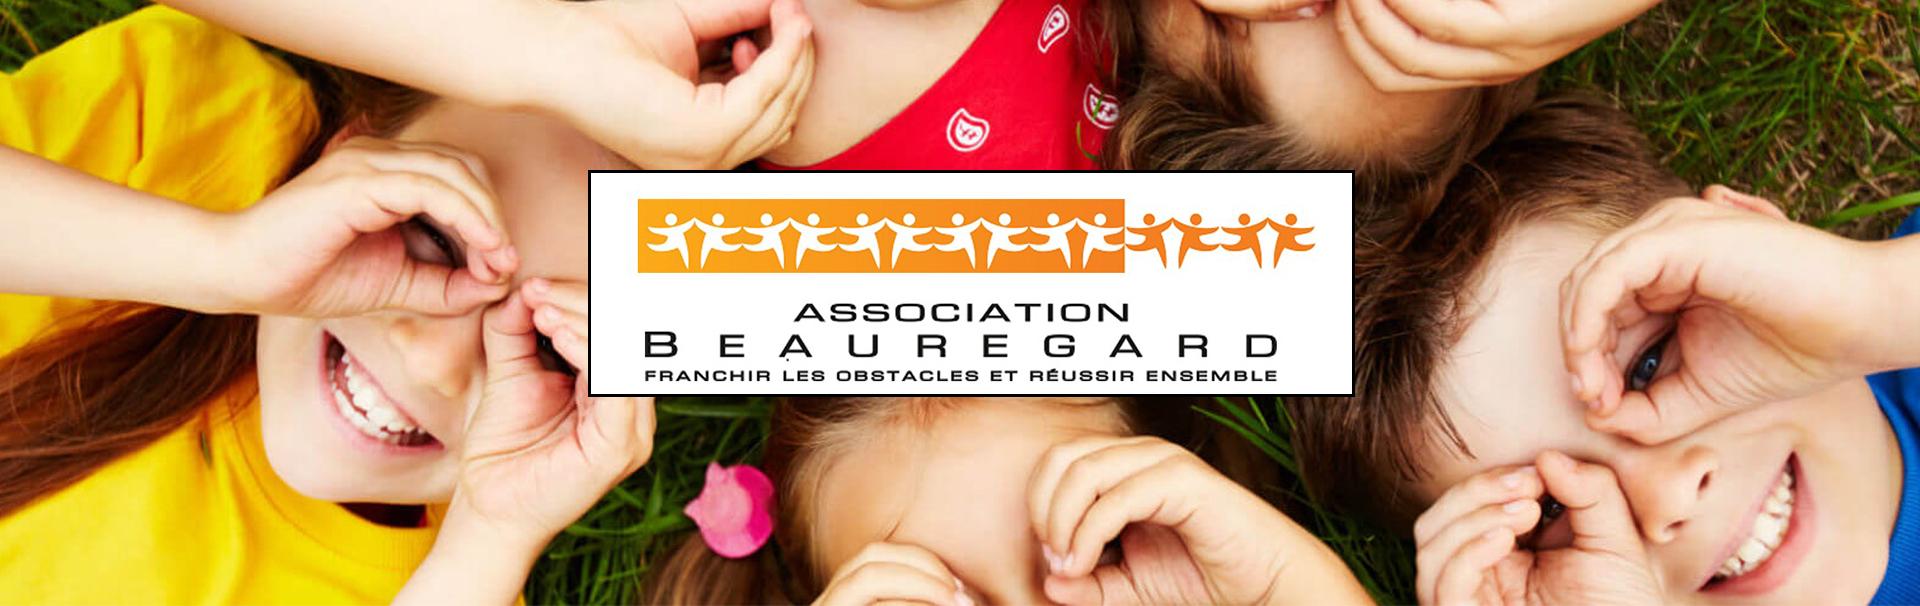 beauregard-association